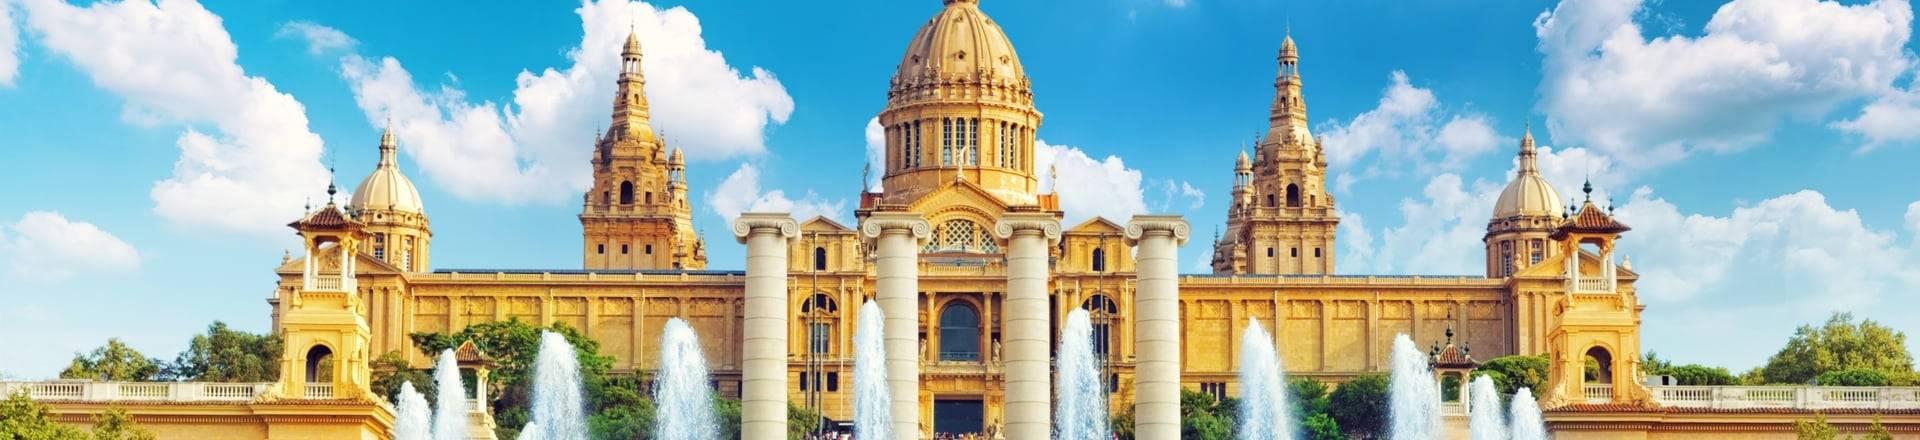 Hoteles en barcelona centro baratos destinia for Hoteles en barcelona centro para familias